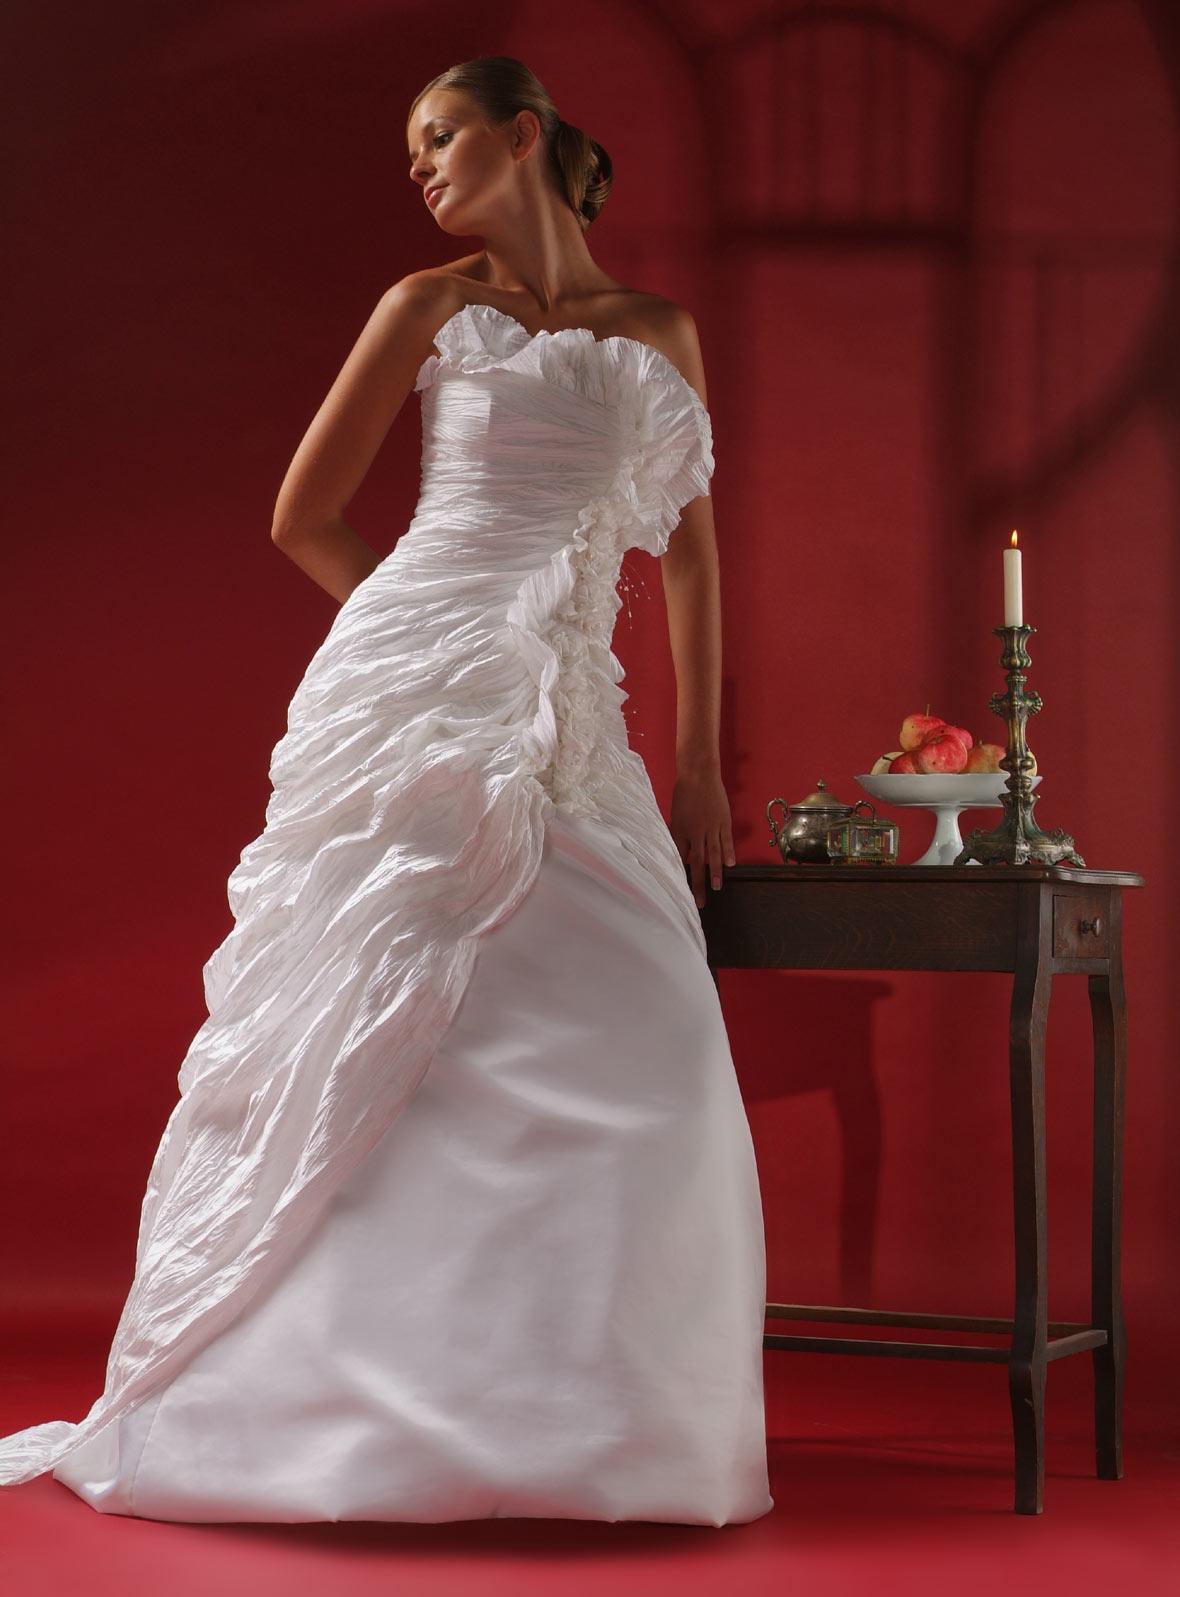 Фото невест в вечерних платьев